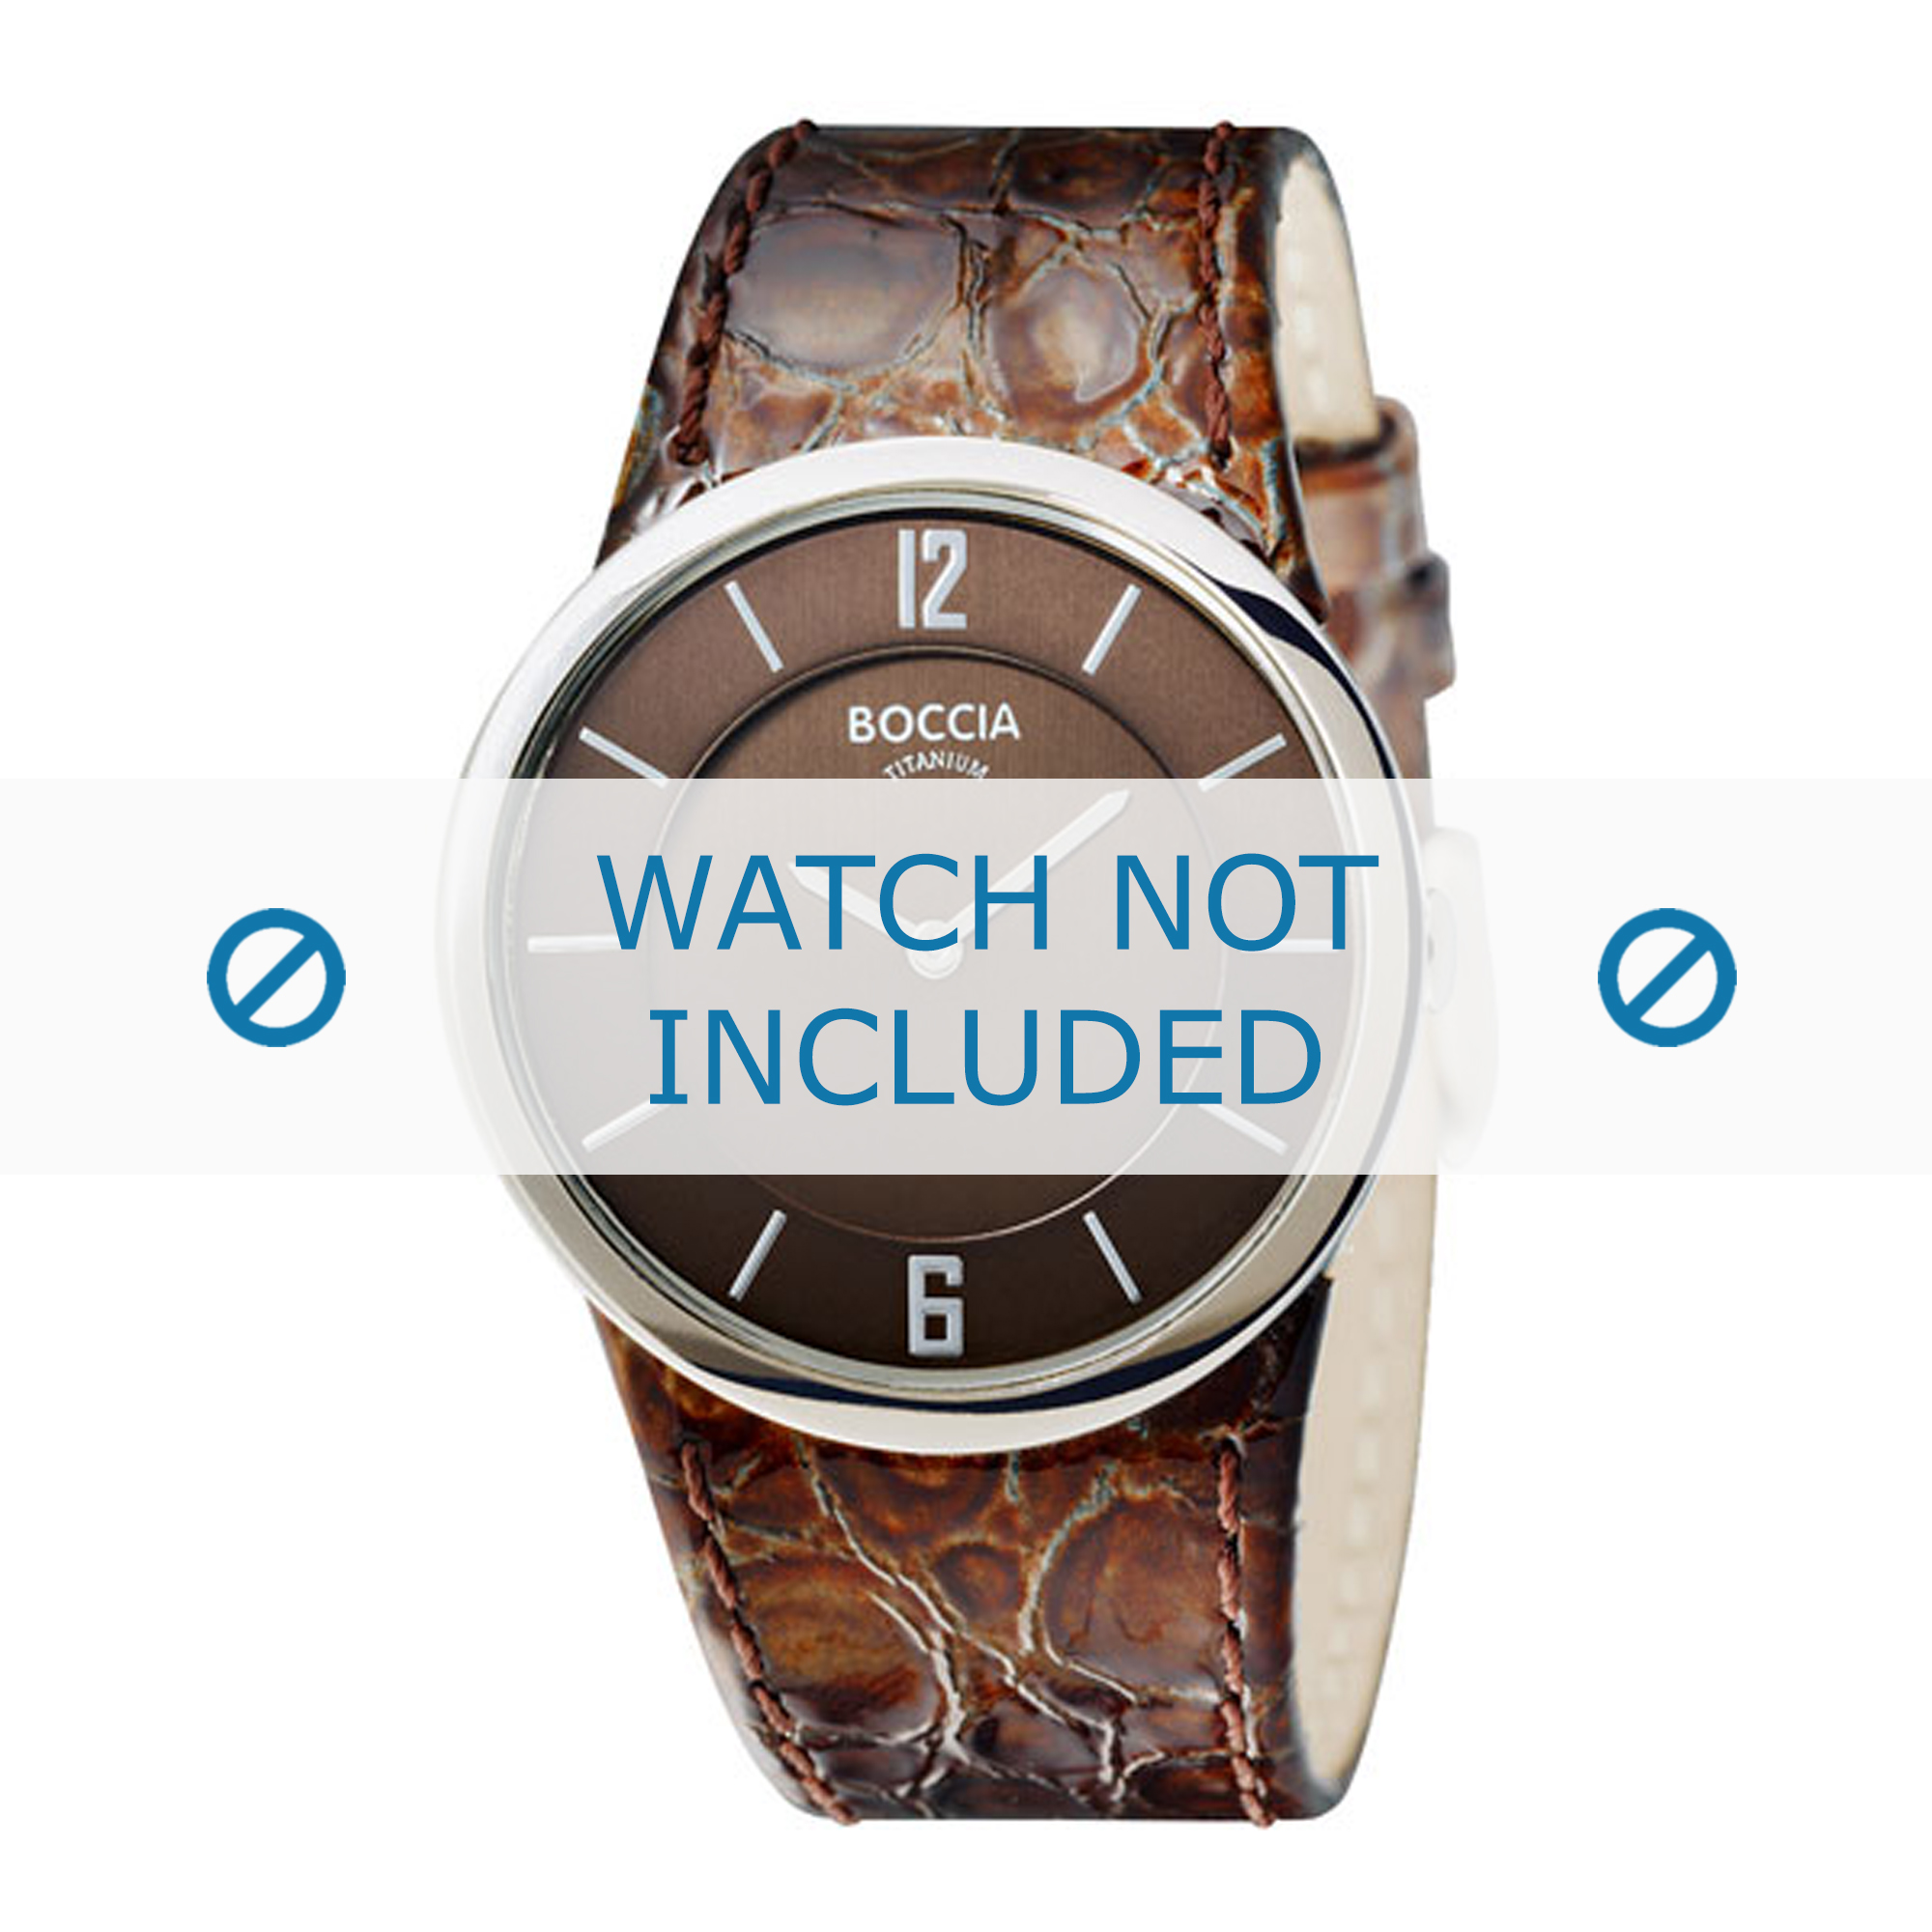 Boccia horlogeband 3165-05 Leder Bruin + bruin stiksel